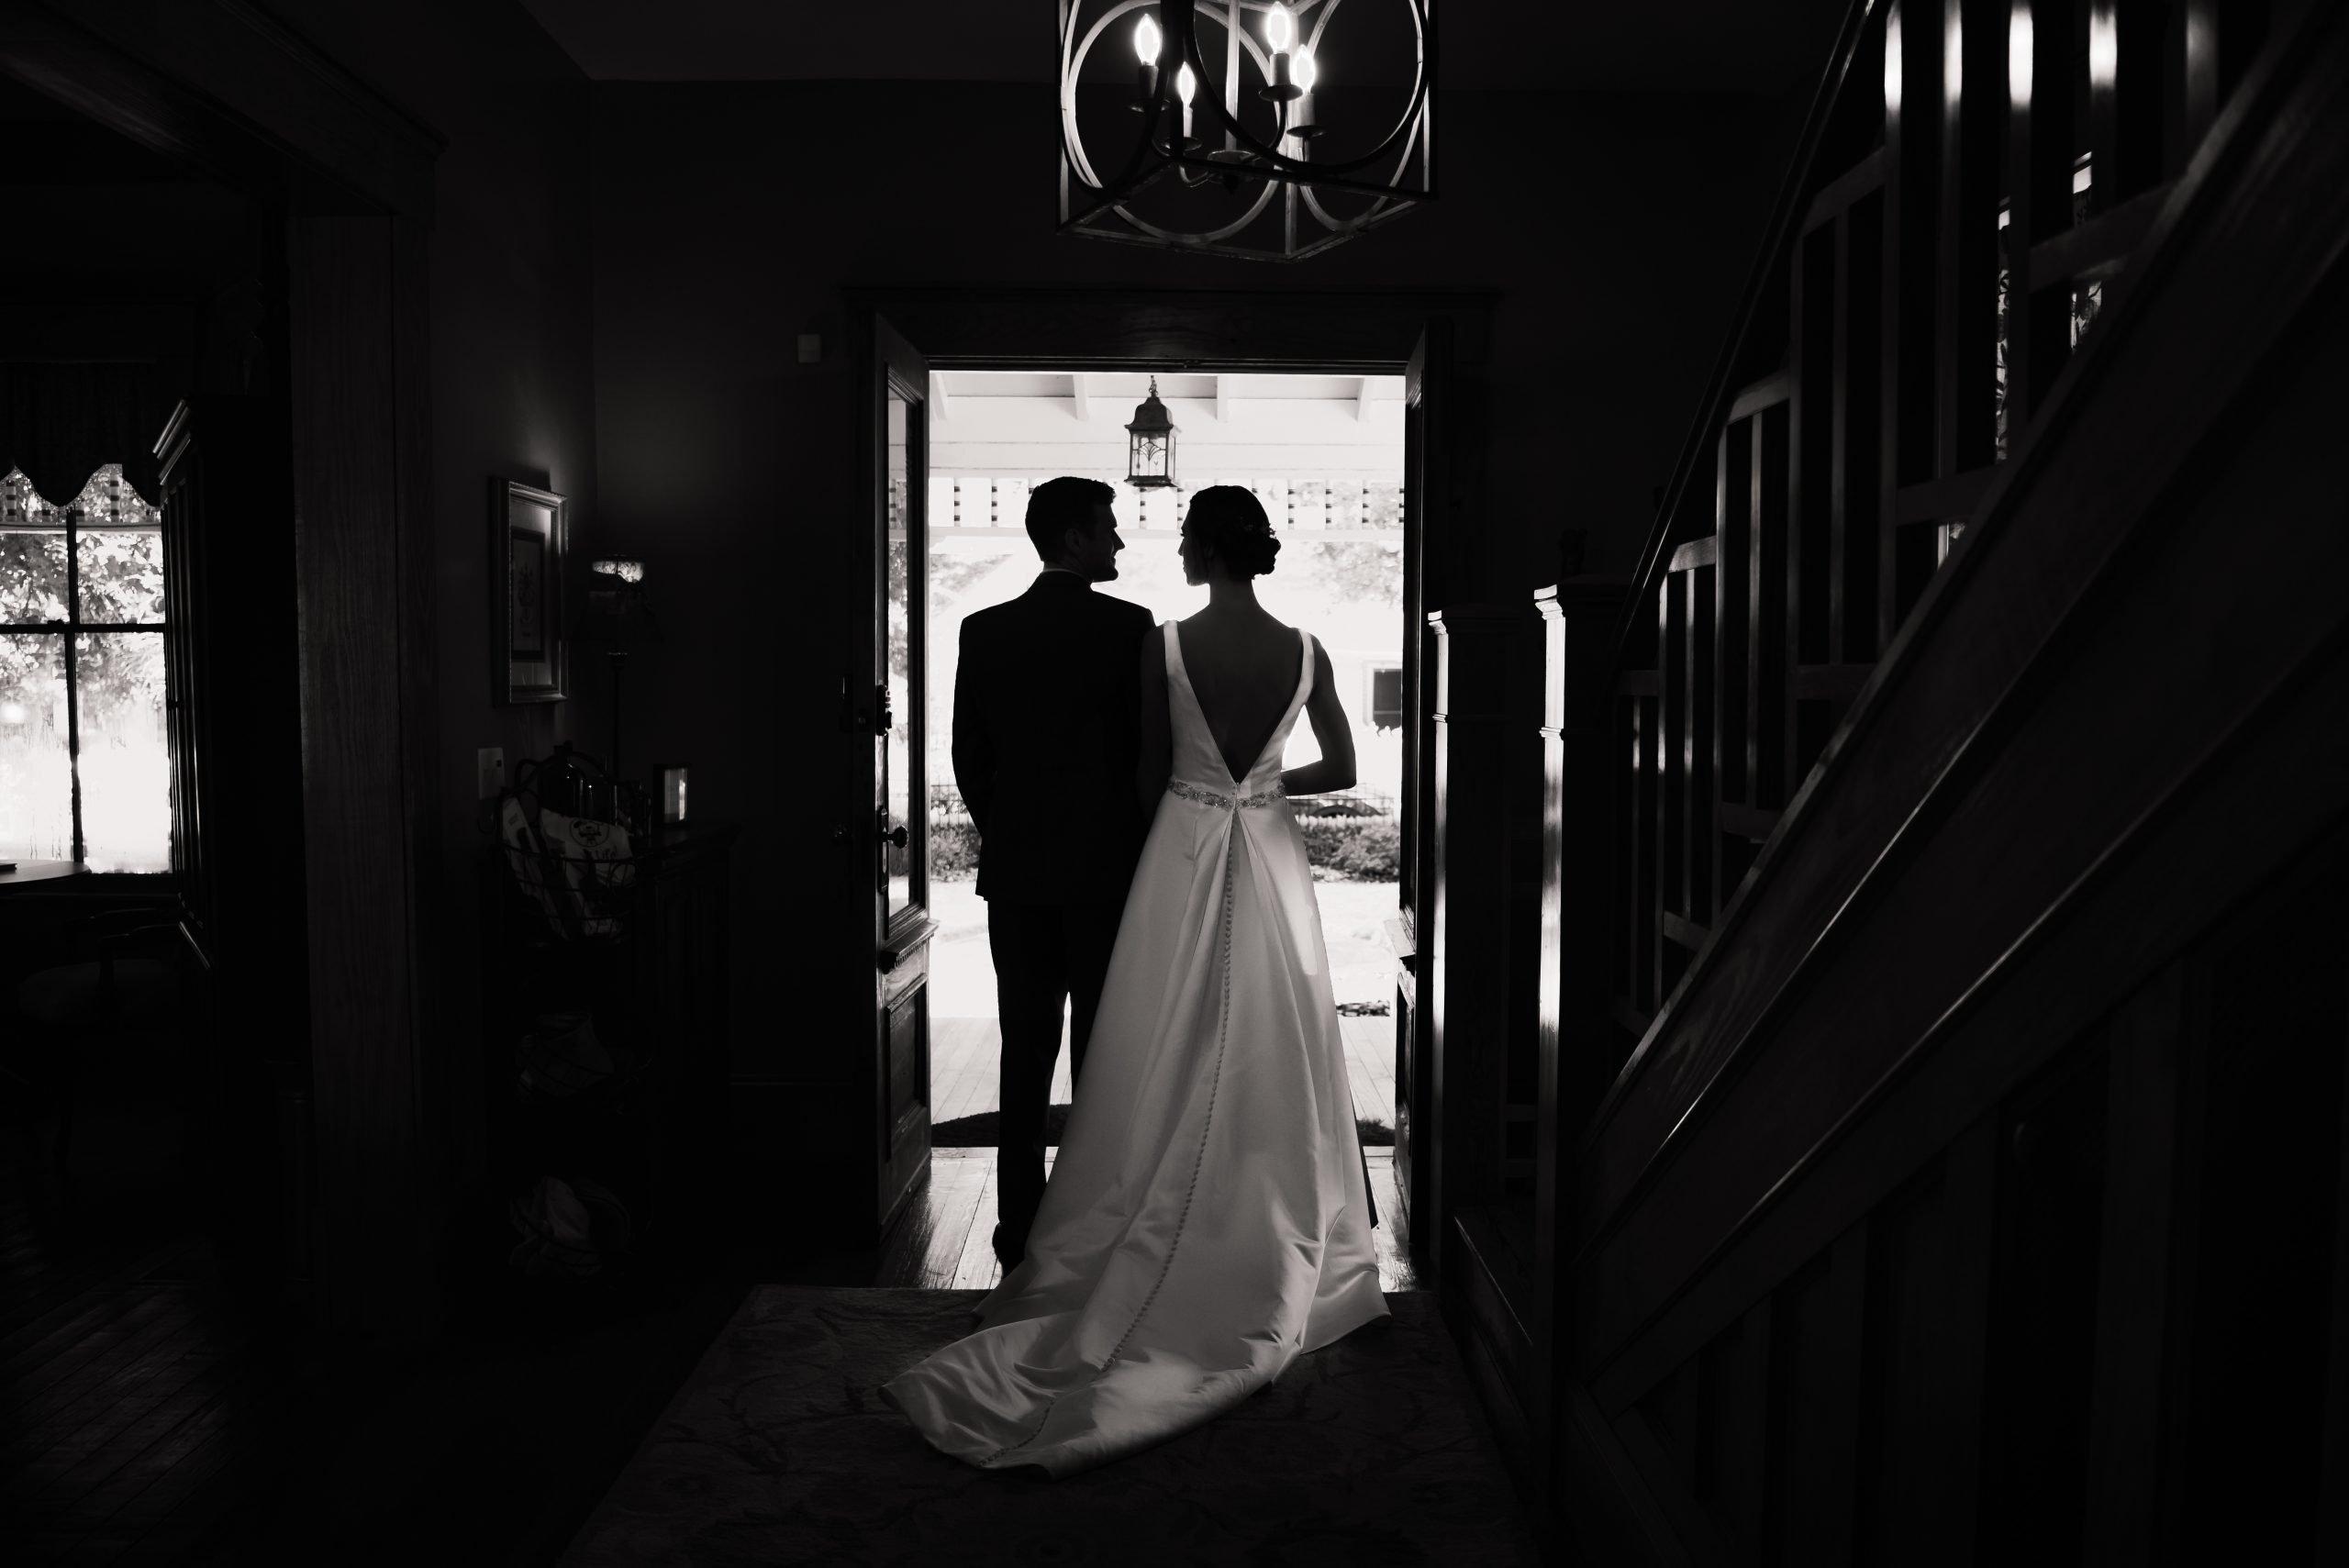 bride and groom in doorway at the laurel oaks inn on their wedding day